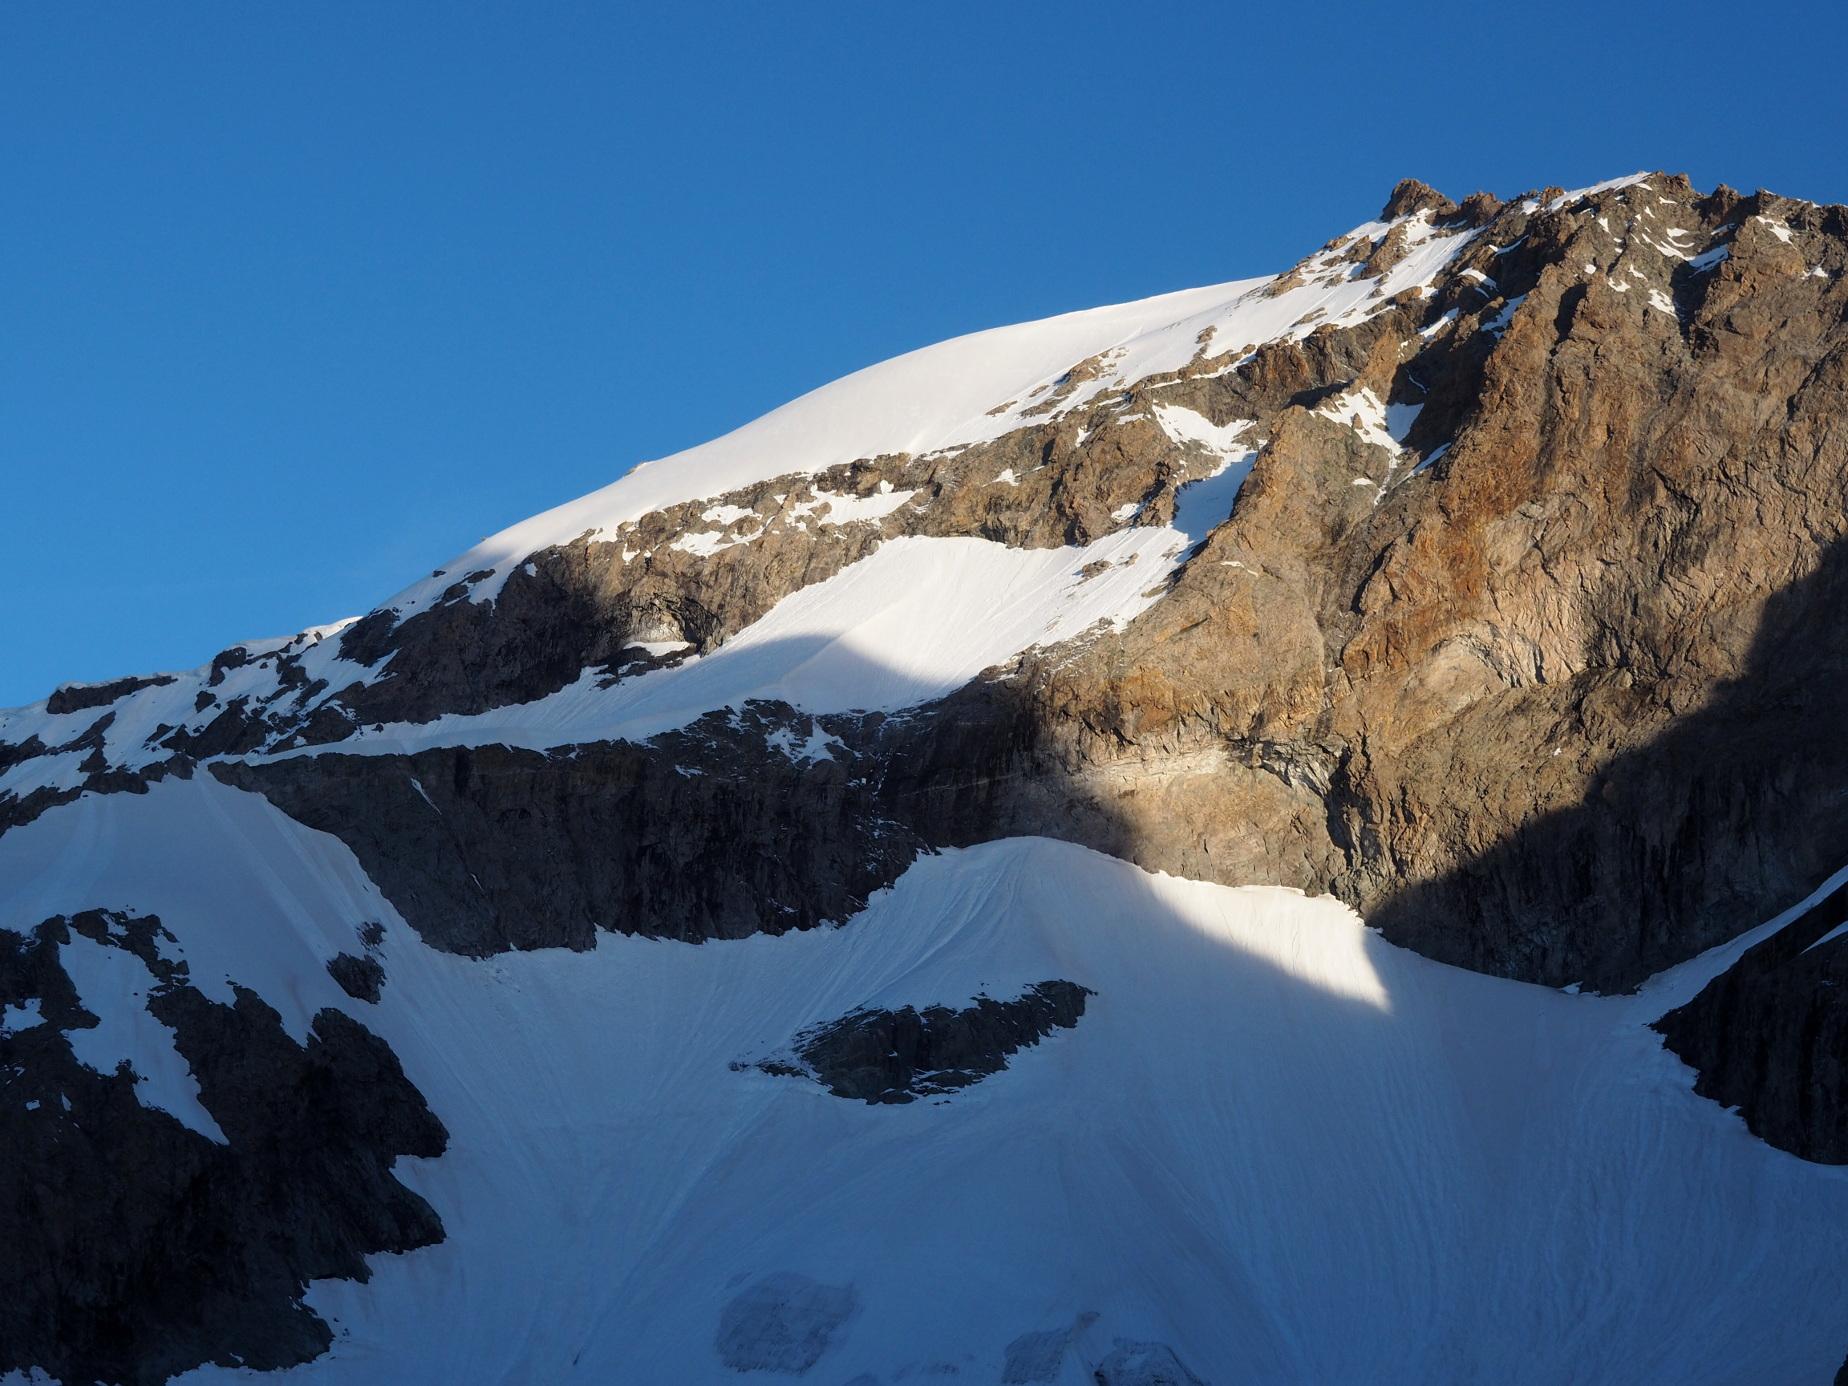 Réveil soleil sur le sommet Est du Râteau (3808m), juste au dessus du refuge